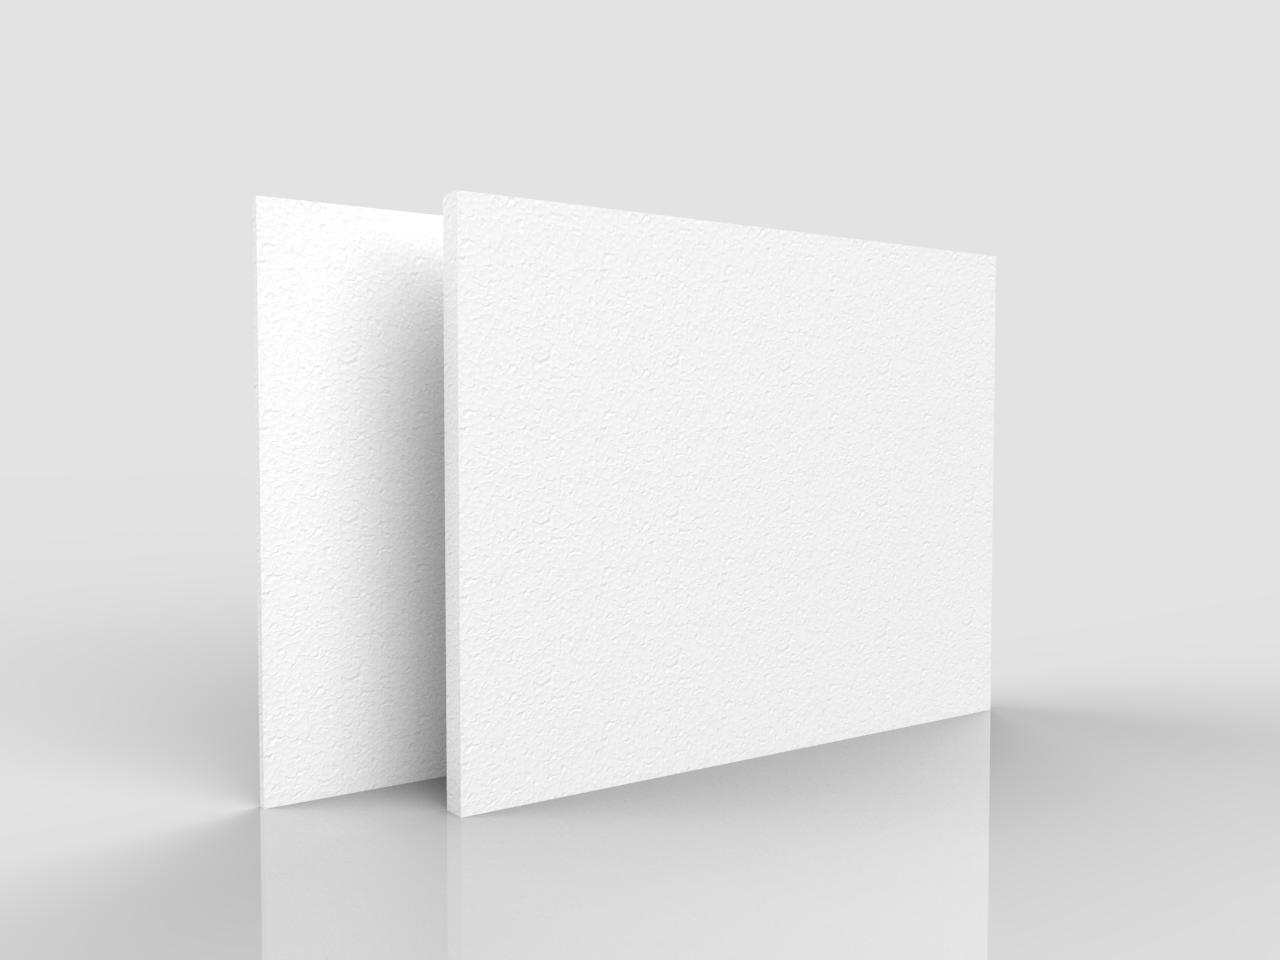 Pannelli polipropilene confronta prezzi profilati alluminio for Lastre alluminio leroy merlin